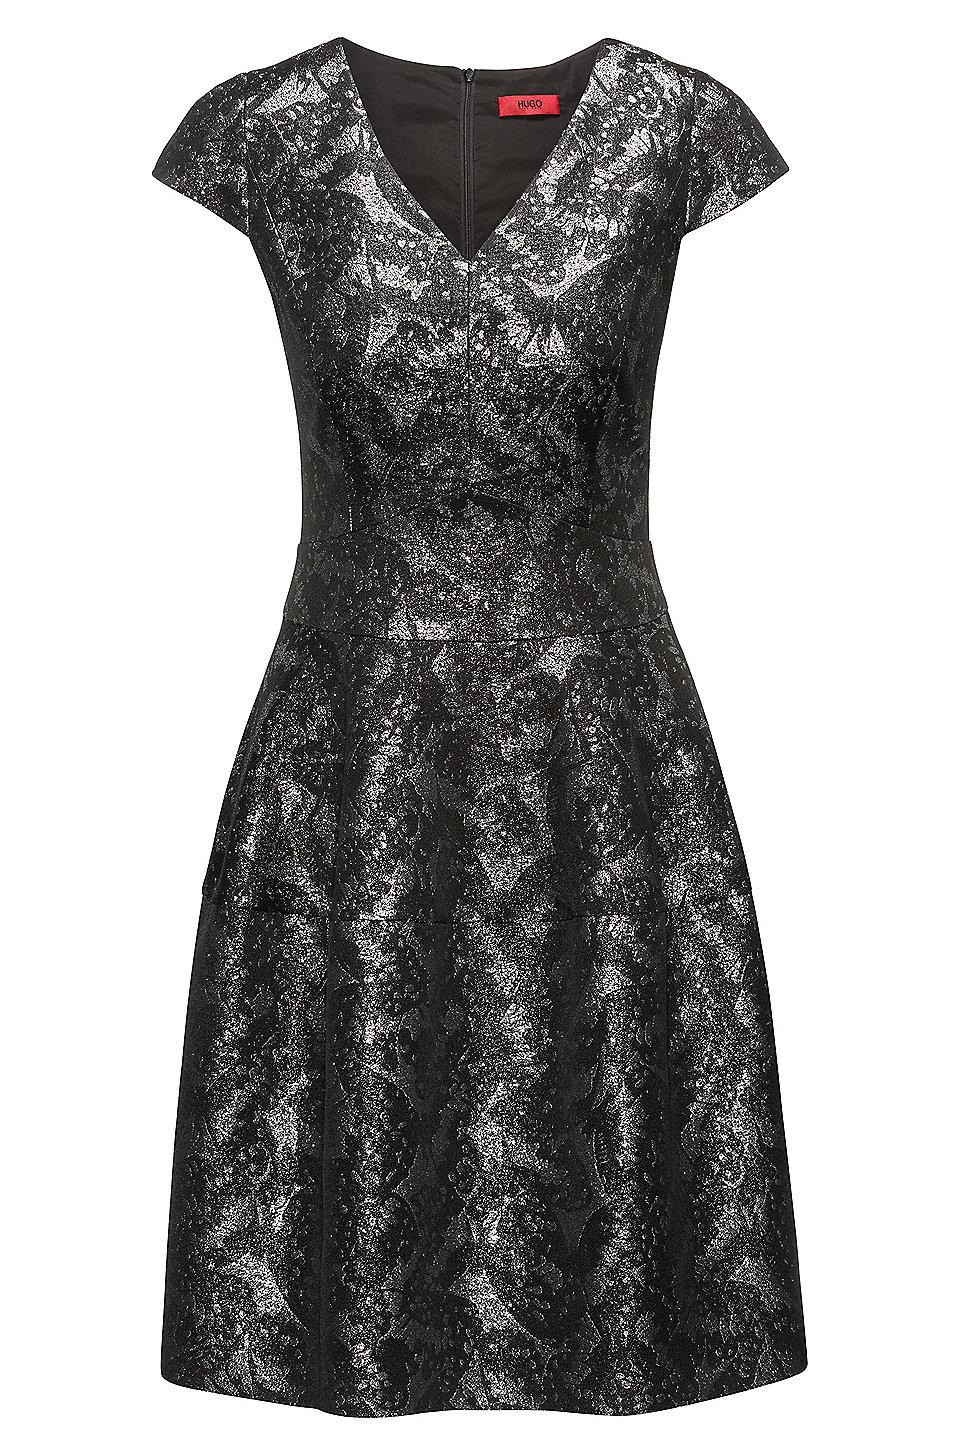 Großhandelspreis Zu Verkaufen Rabatt Sneakernews Gemustertes Kleid aus Baumwoll-Mix mit V-Ausschnitt HUGO BOSS noRXm6Hp6